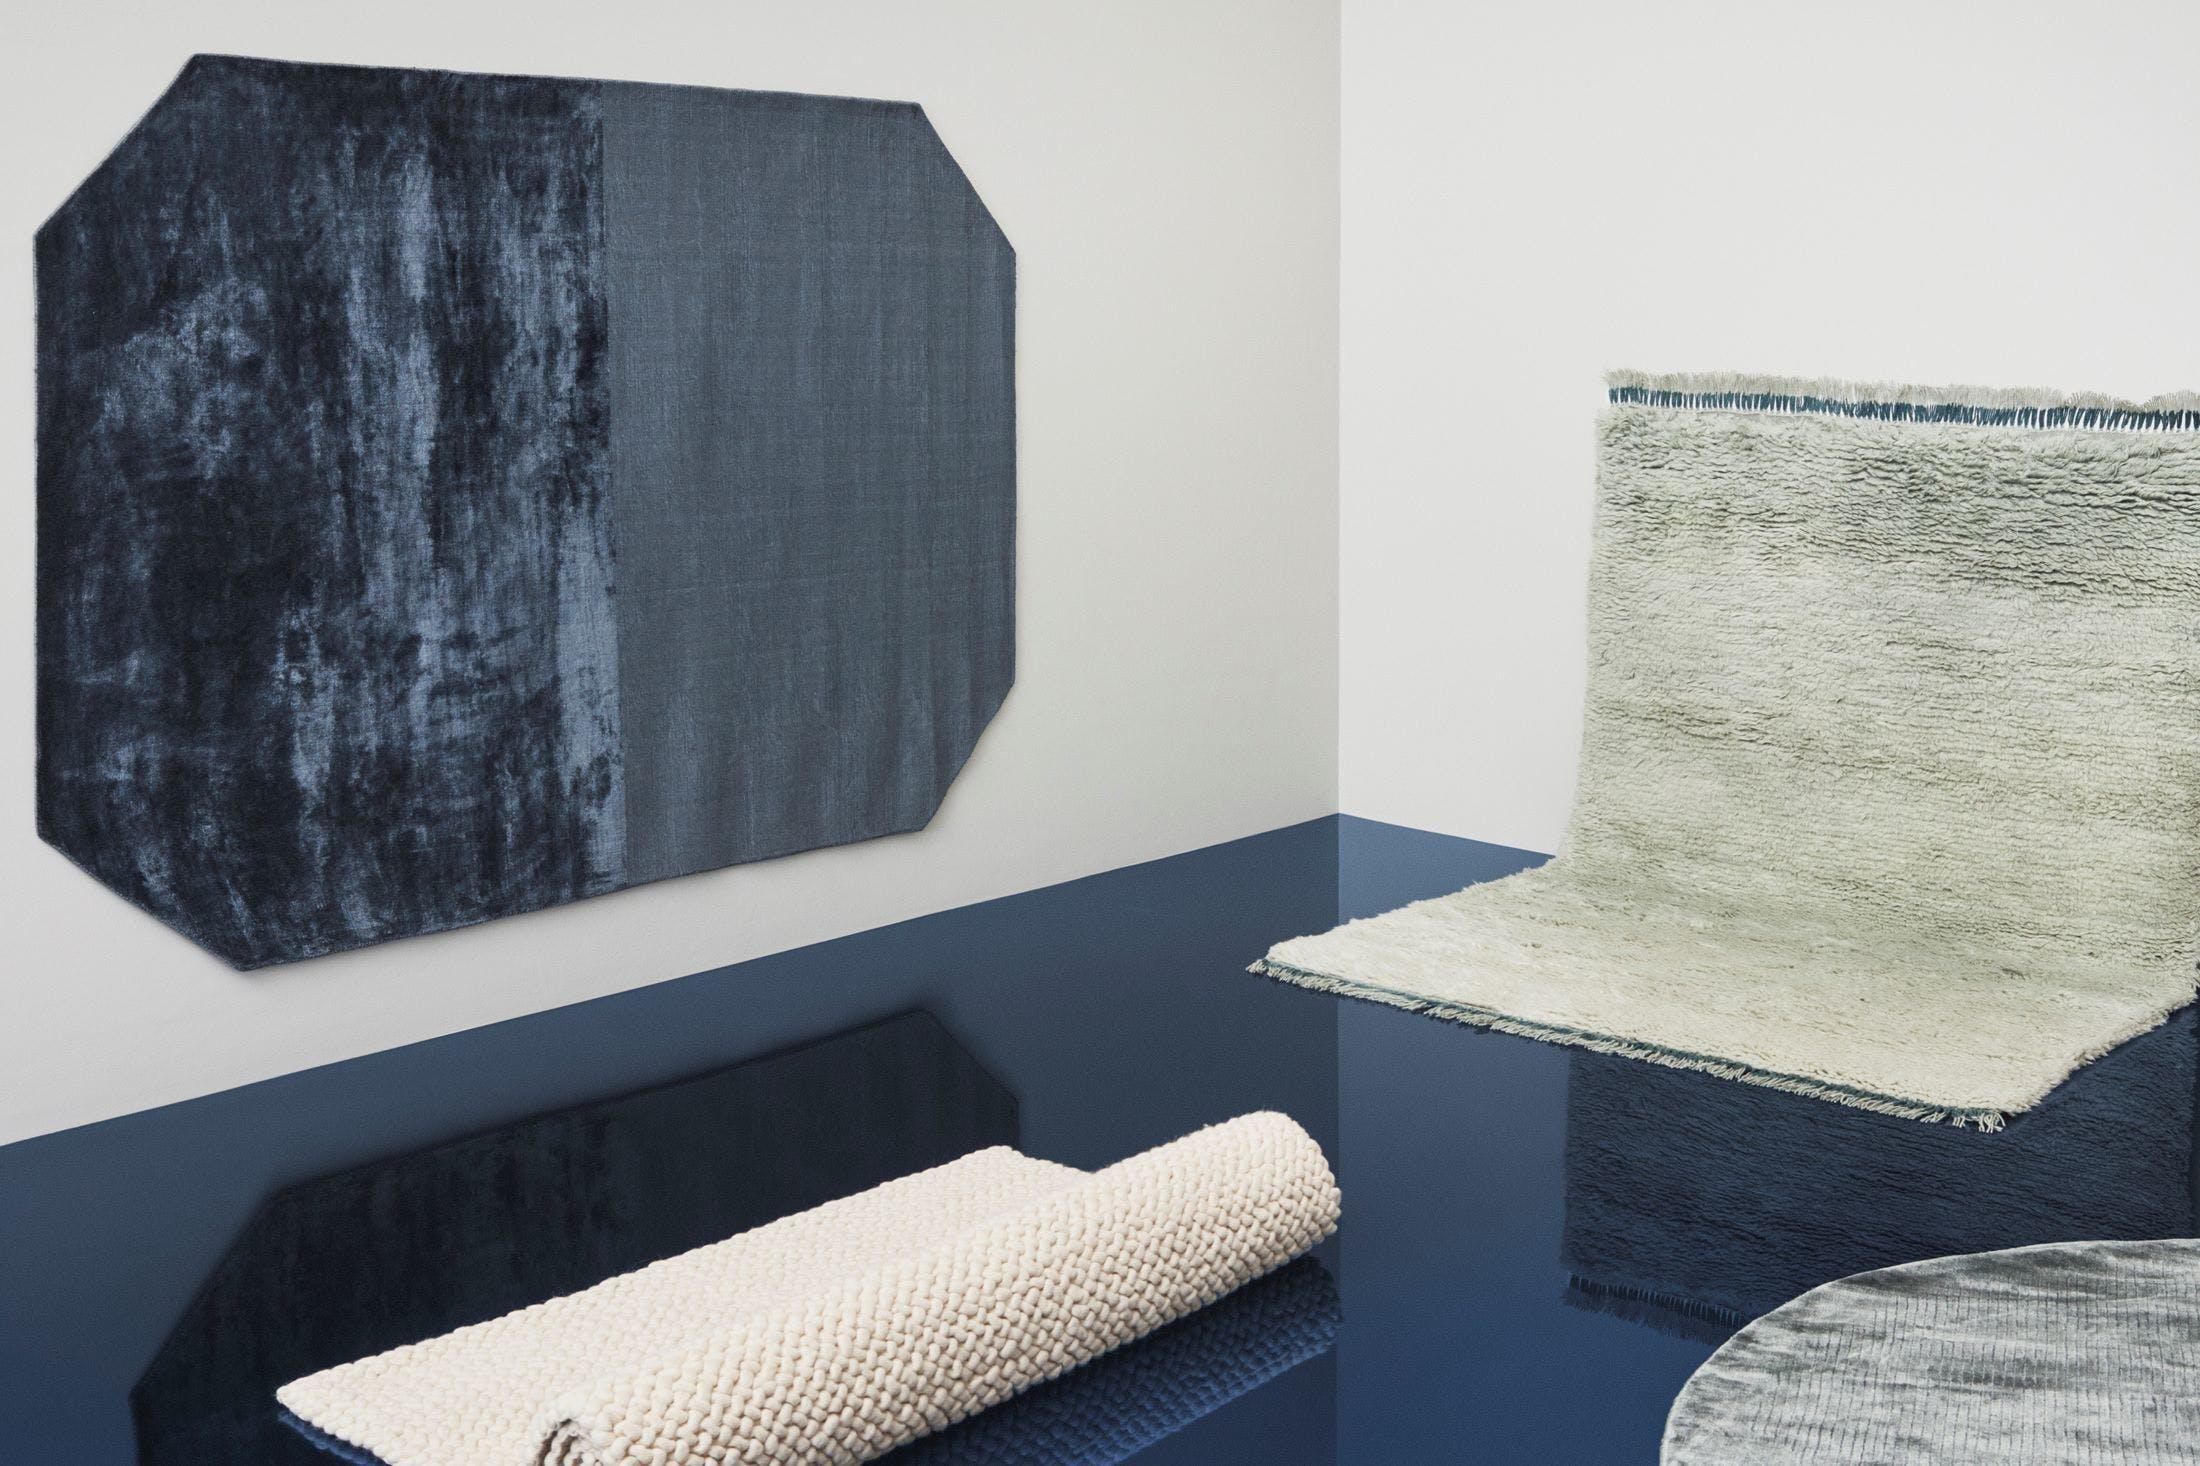 Bolia-mezzo-rug-wall-insitu-haute-living